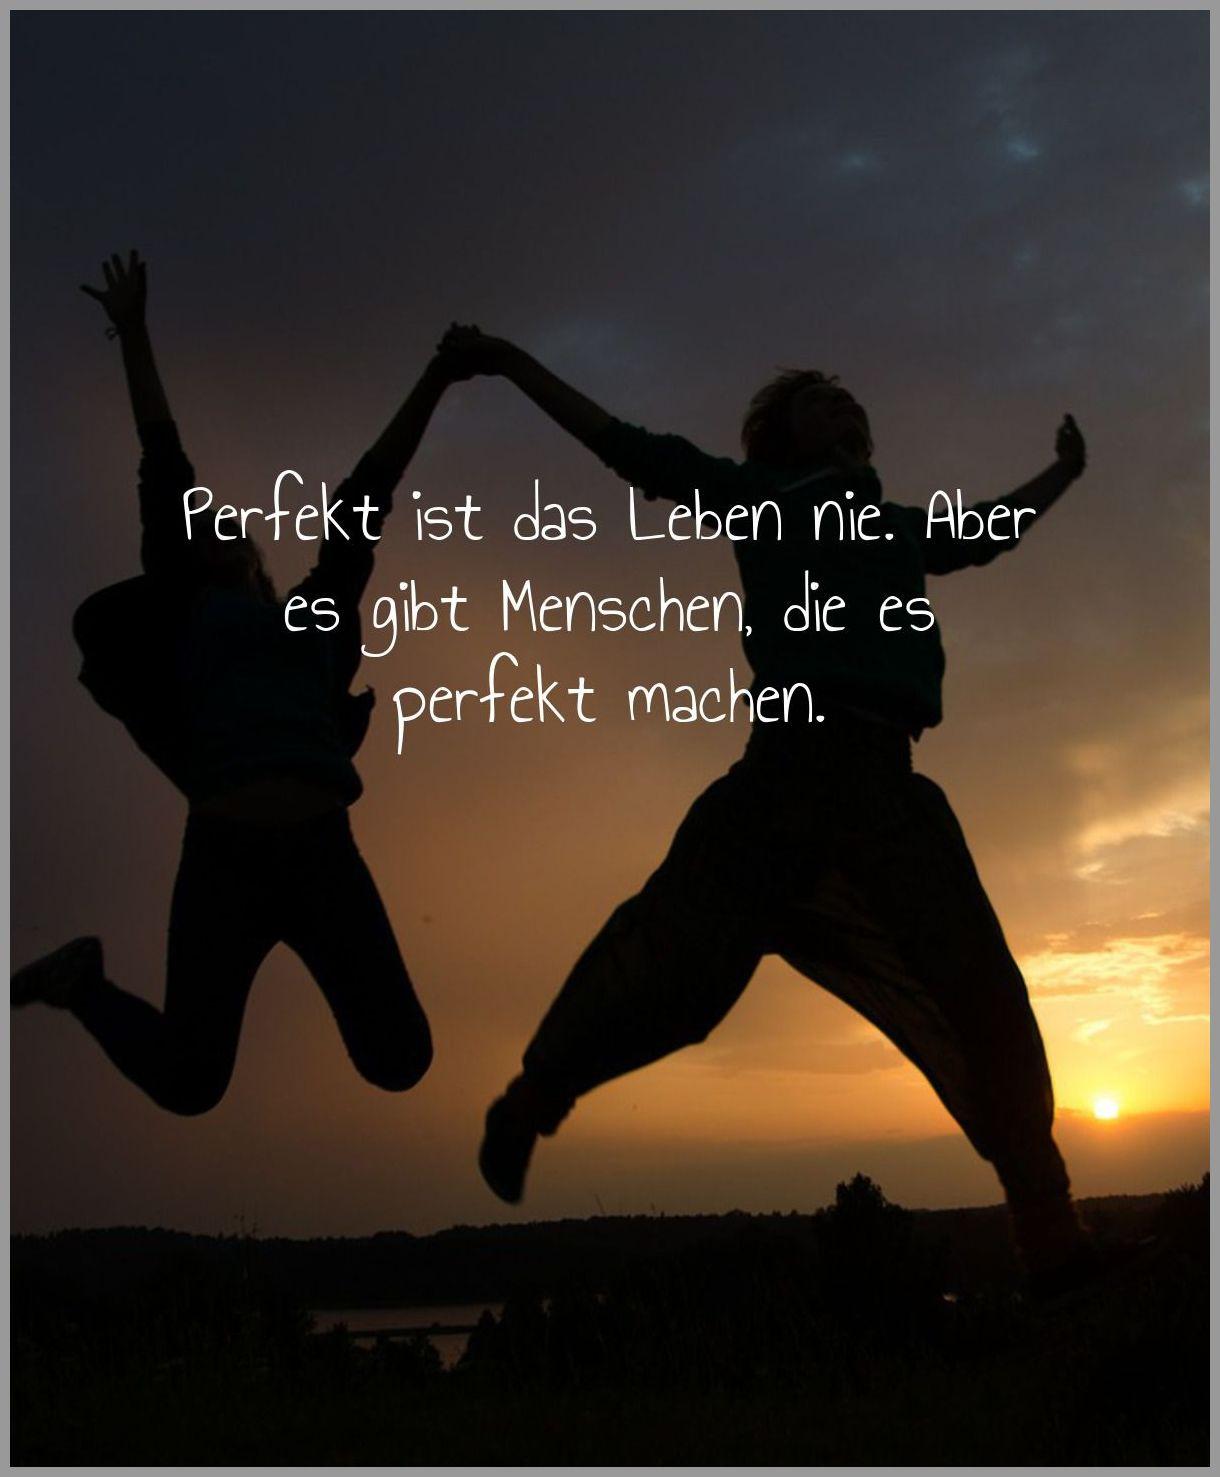 Perfekt ist das leben nie aber es gibt menschen die es perfekt machen - Perfekt ist das leben nie aber es gibt menschen die es perfekt machen